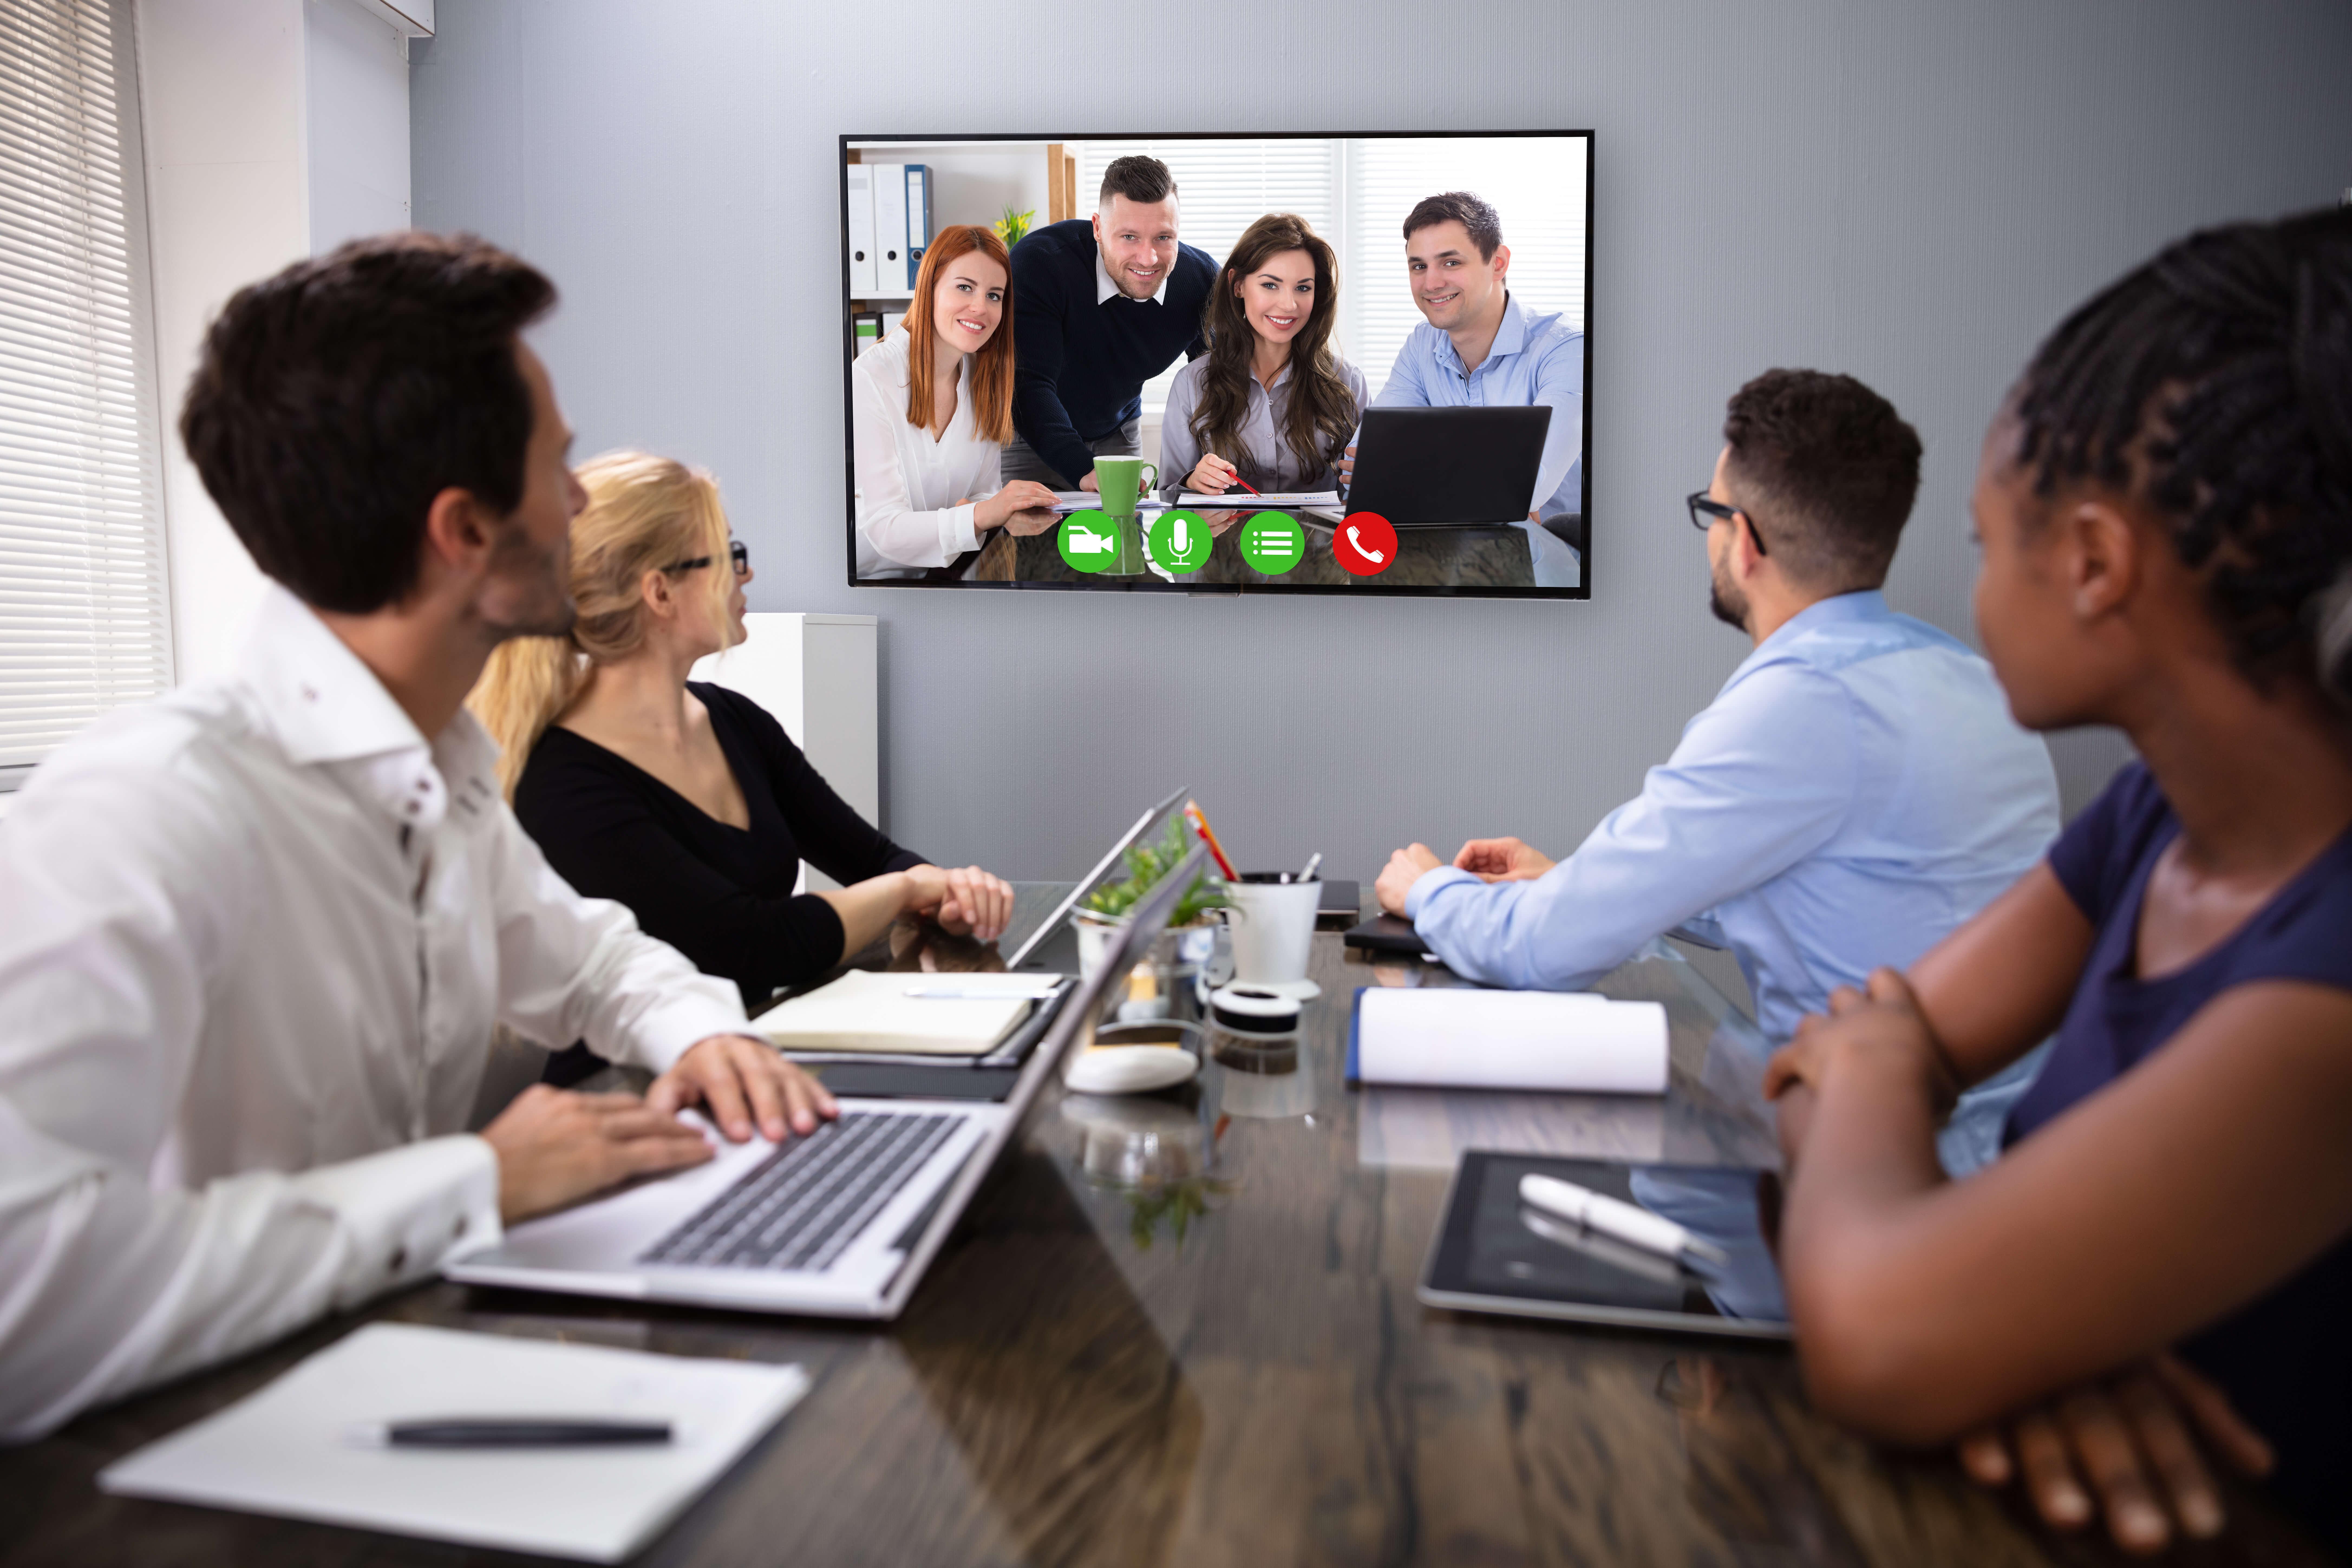 AV Web Conferencing